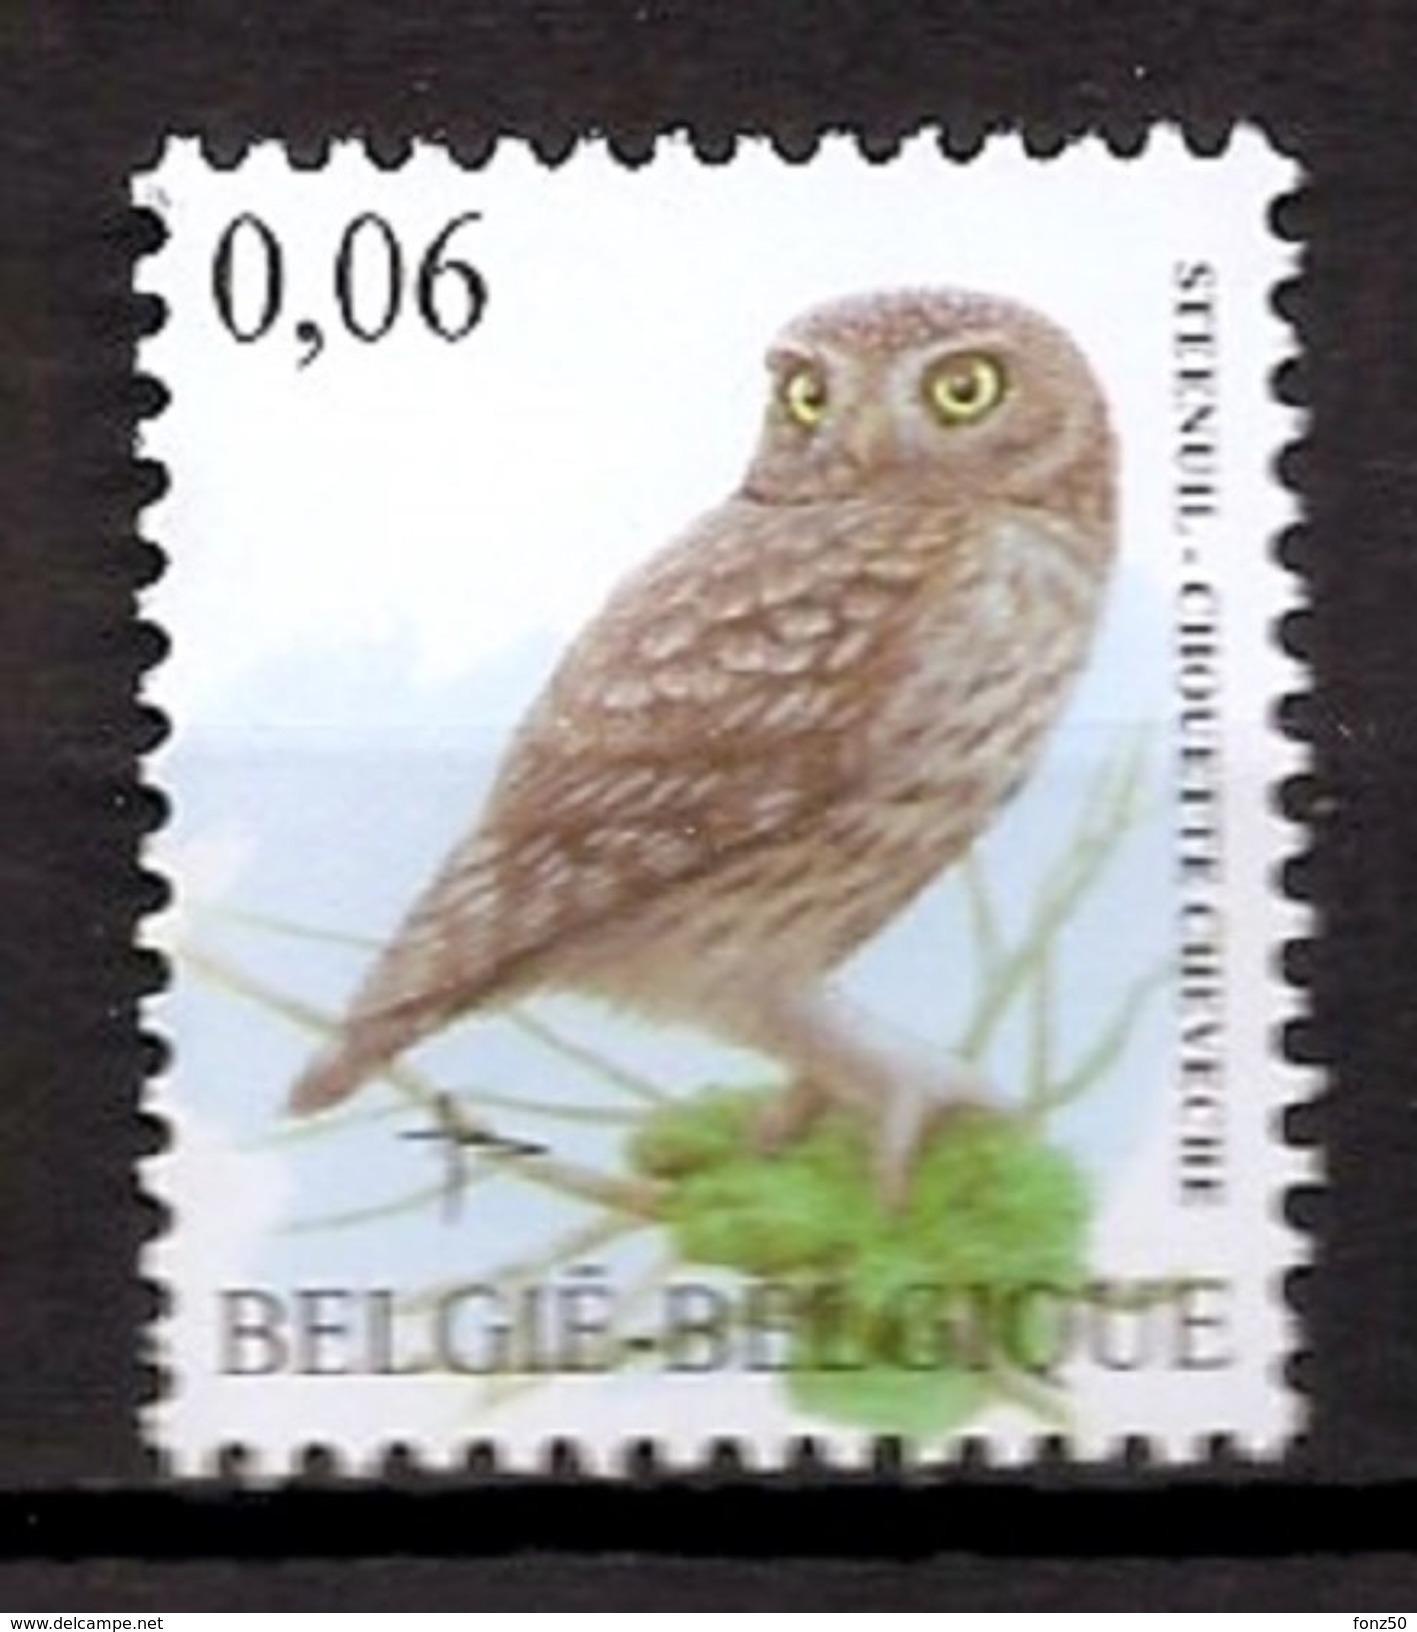 BELGIE * Buzin * Nr 3672 * Postfris Xx *  WIT  PAPIER - 1985-.. Oiseaux (Buzin)